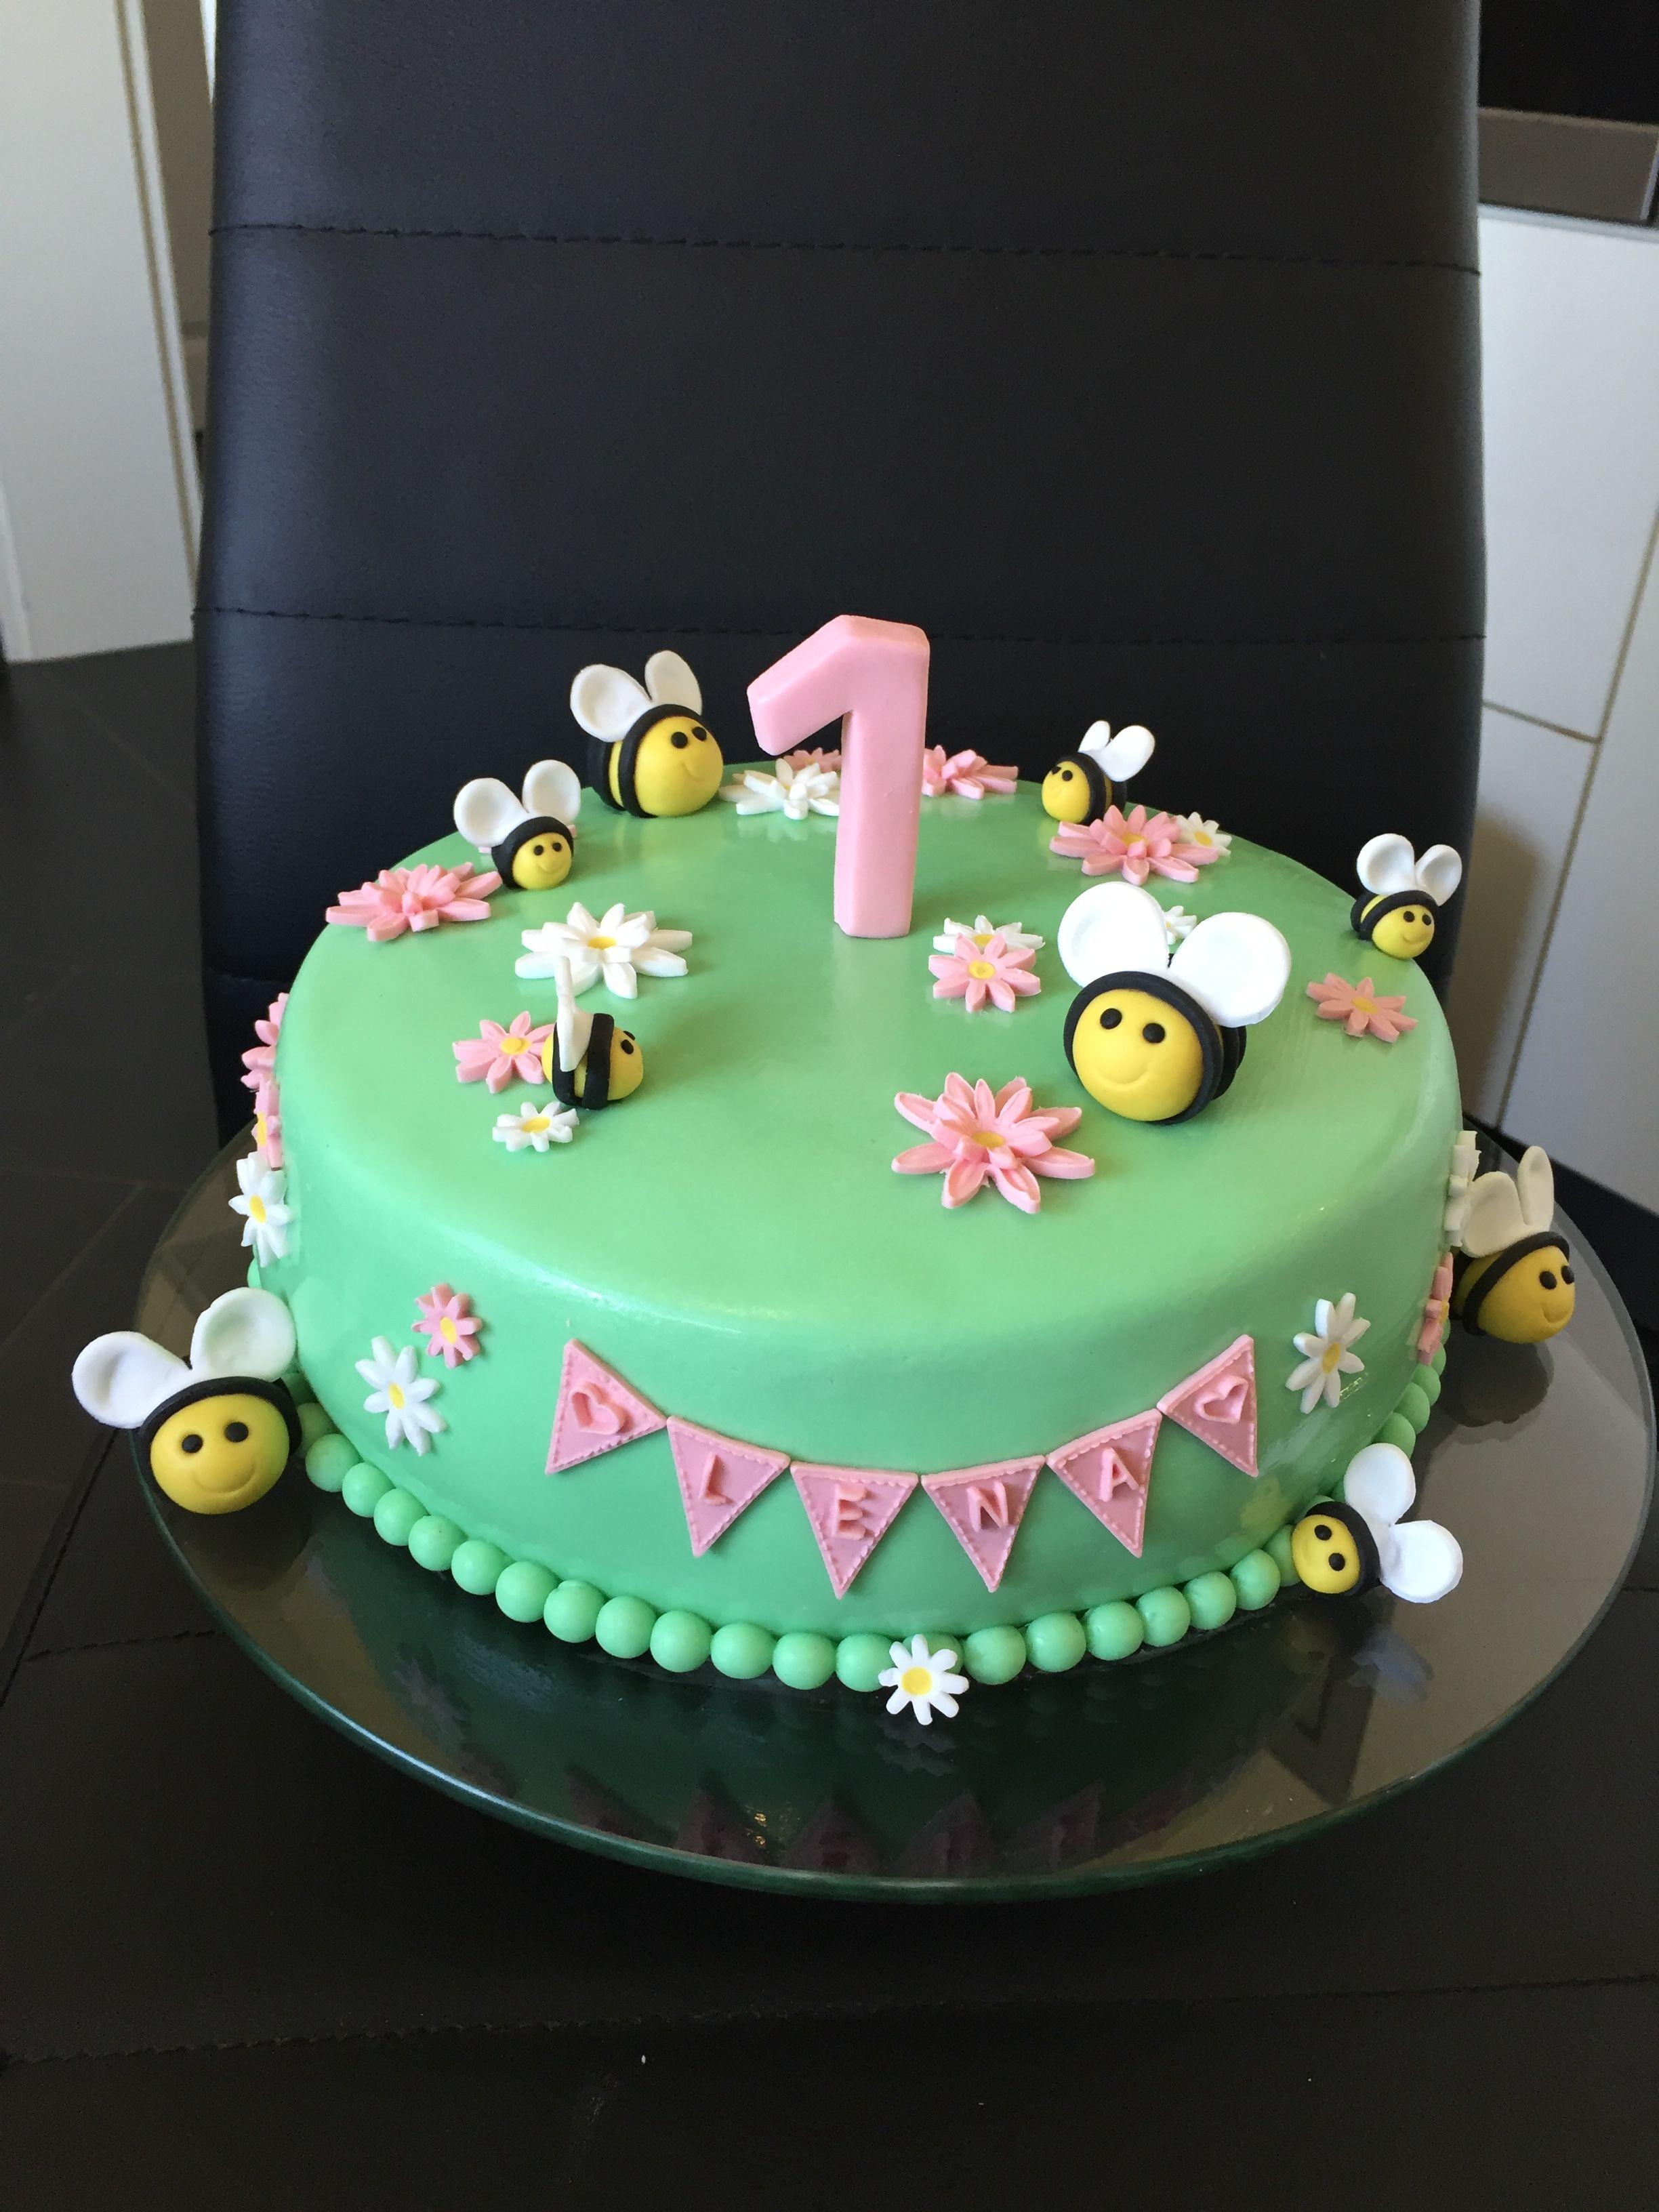 Torte 1 Jahr Geburtstag Kuchen Madchen Kuchen Kindergeburtstag 1 Jahr Torte Kindergeburtstag 1 Jahr